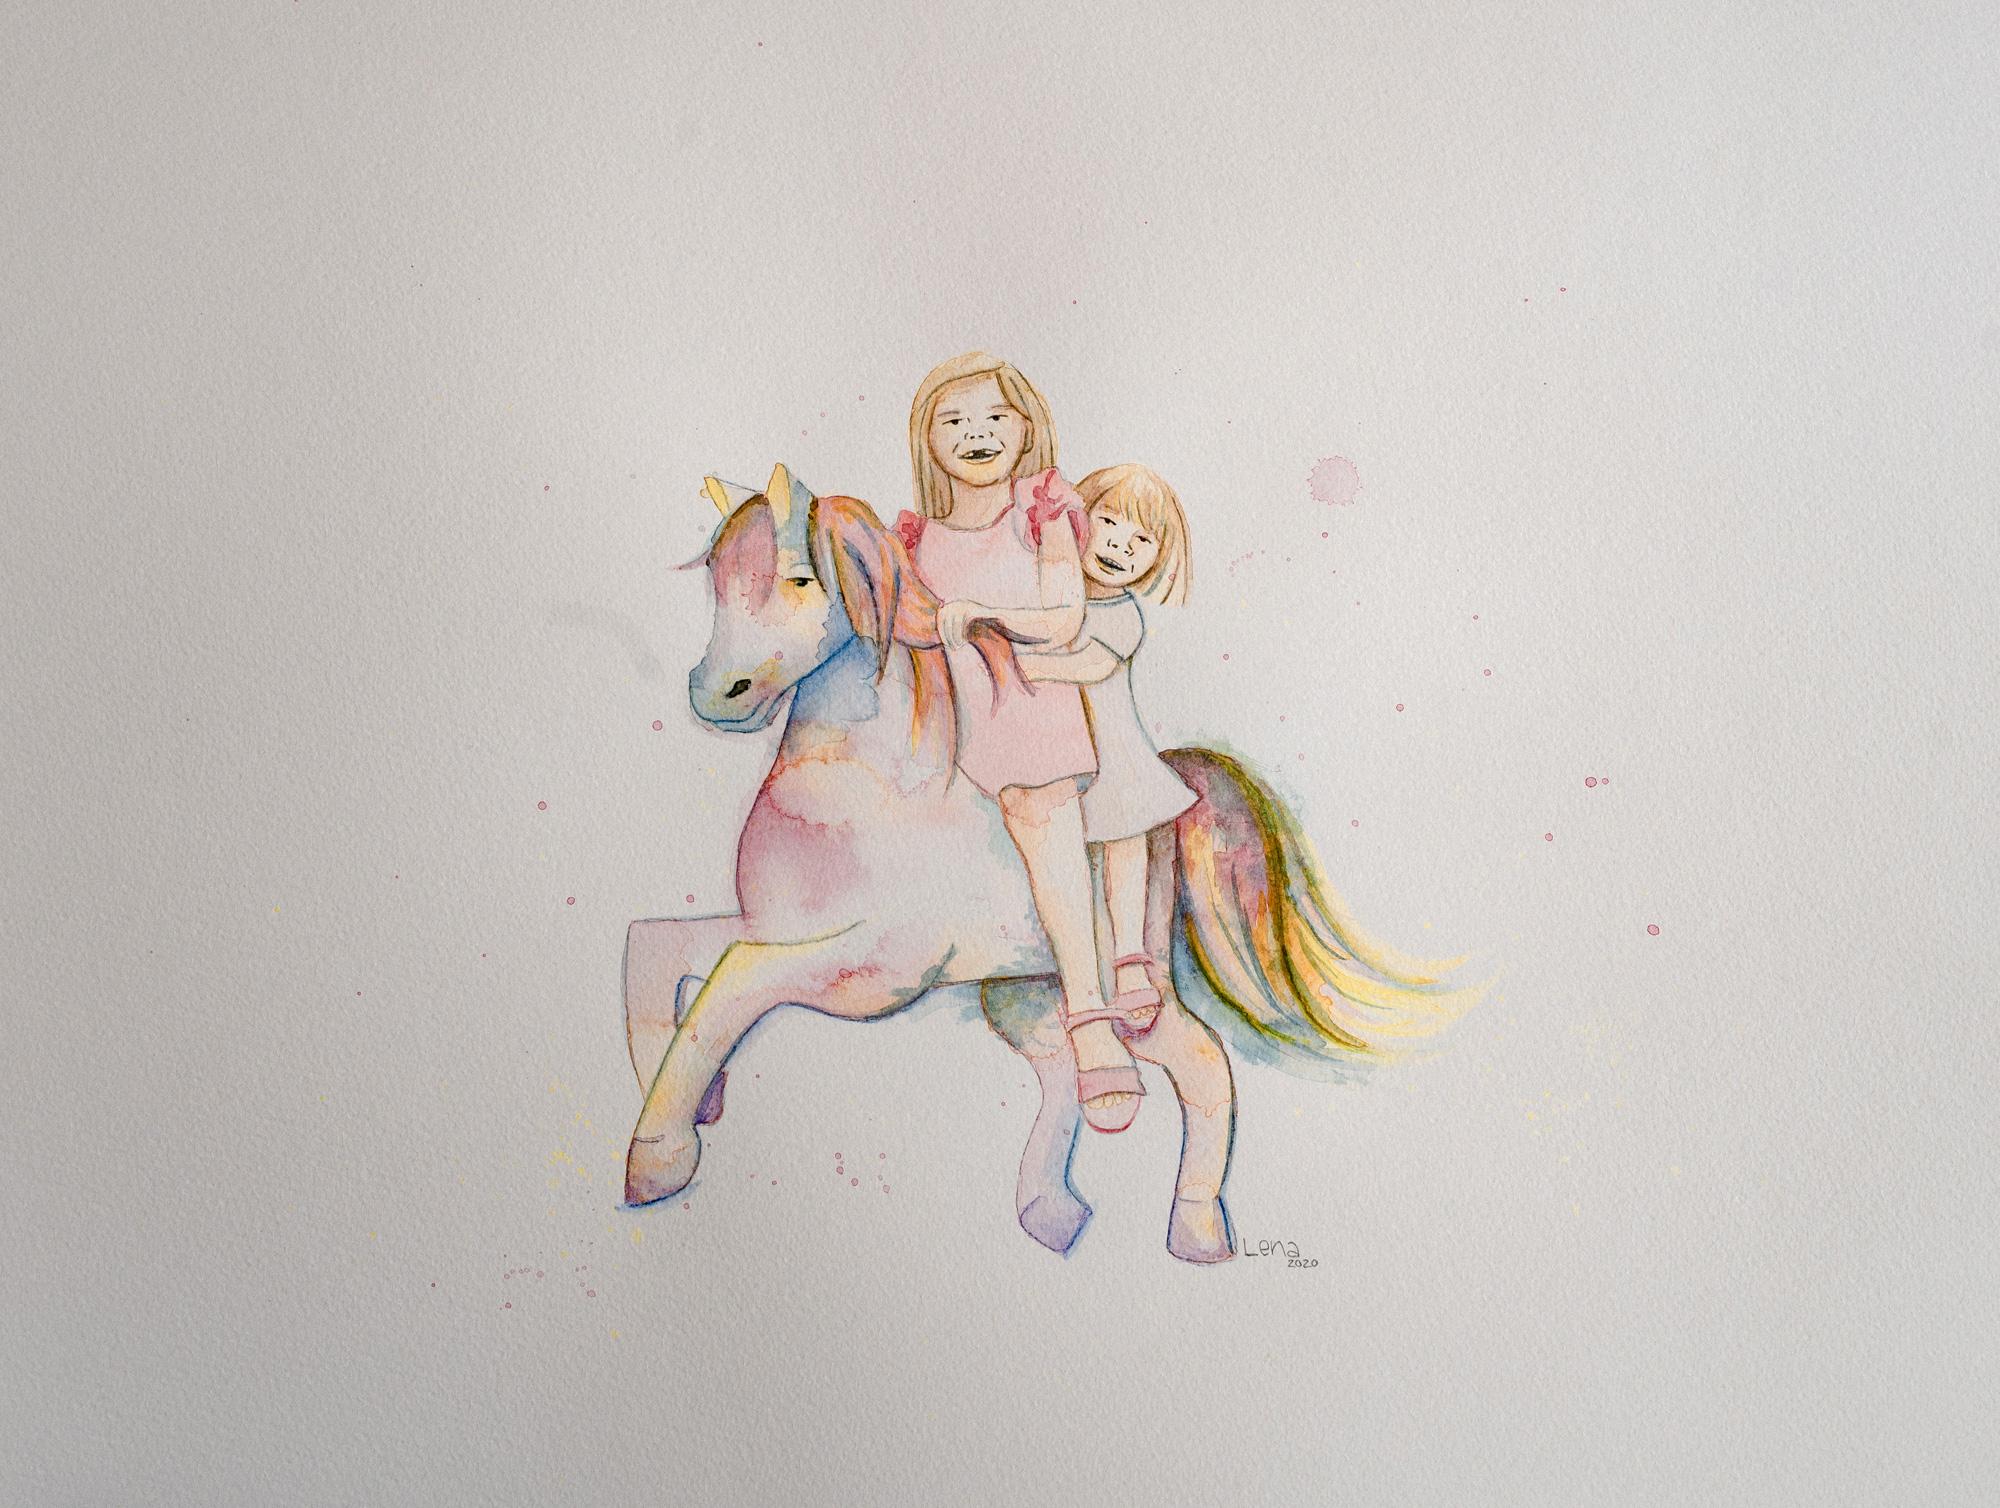 Aquarellbild, das zwei Kinder zeigt, die auf einem bunten Pferd reten.